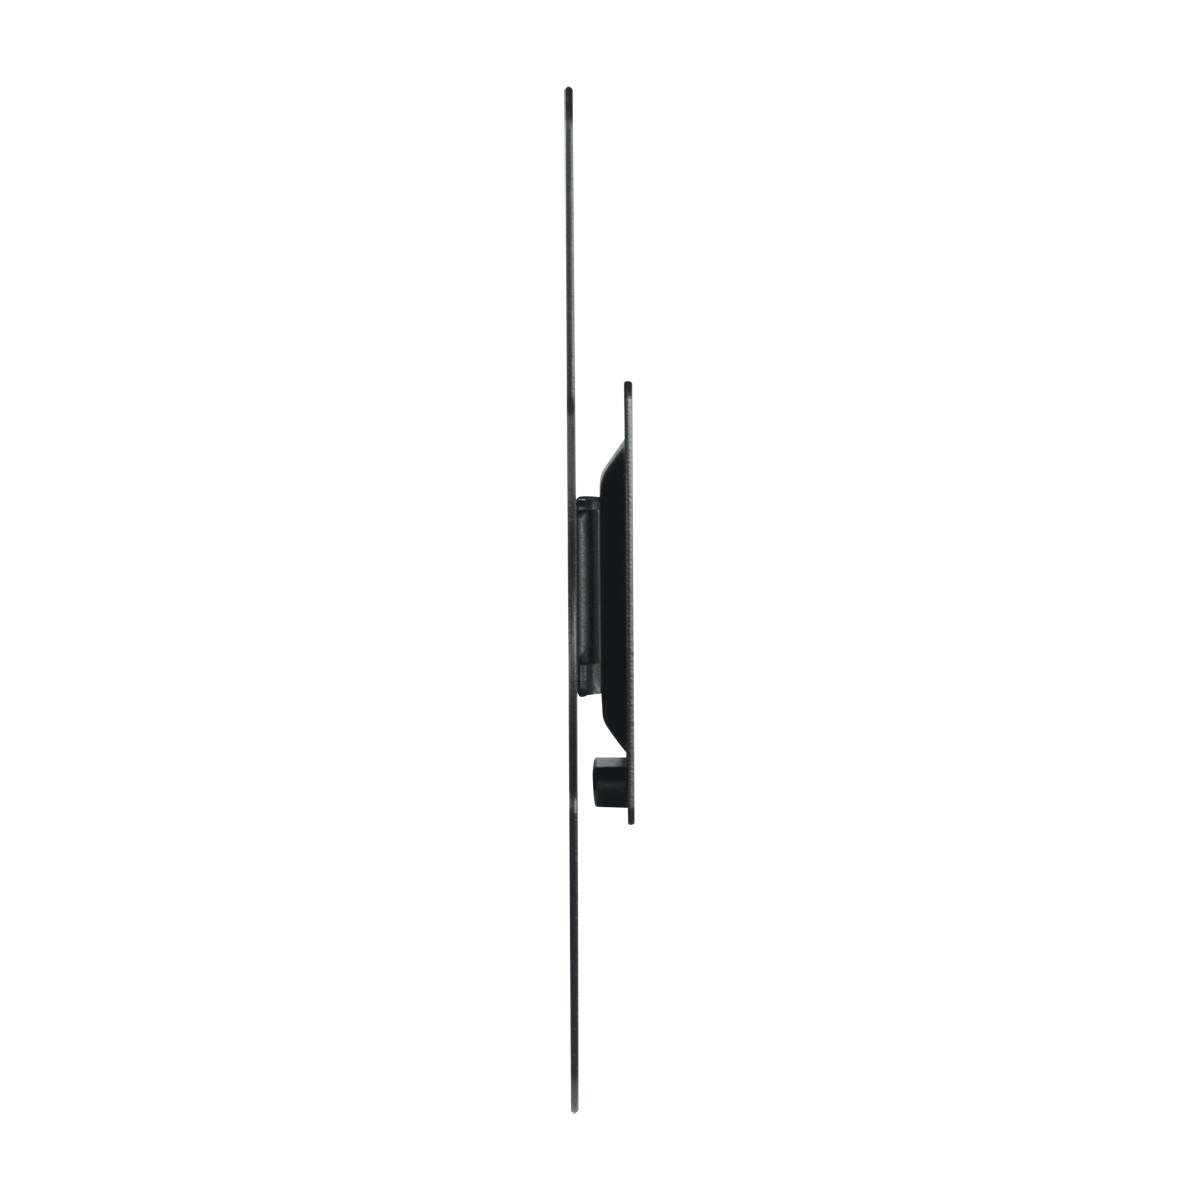 Flache TV-Wandhalterung ARCTIC TV Basic S Seitenansicht